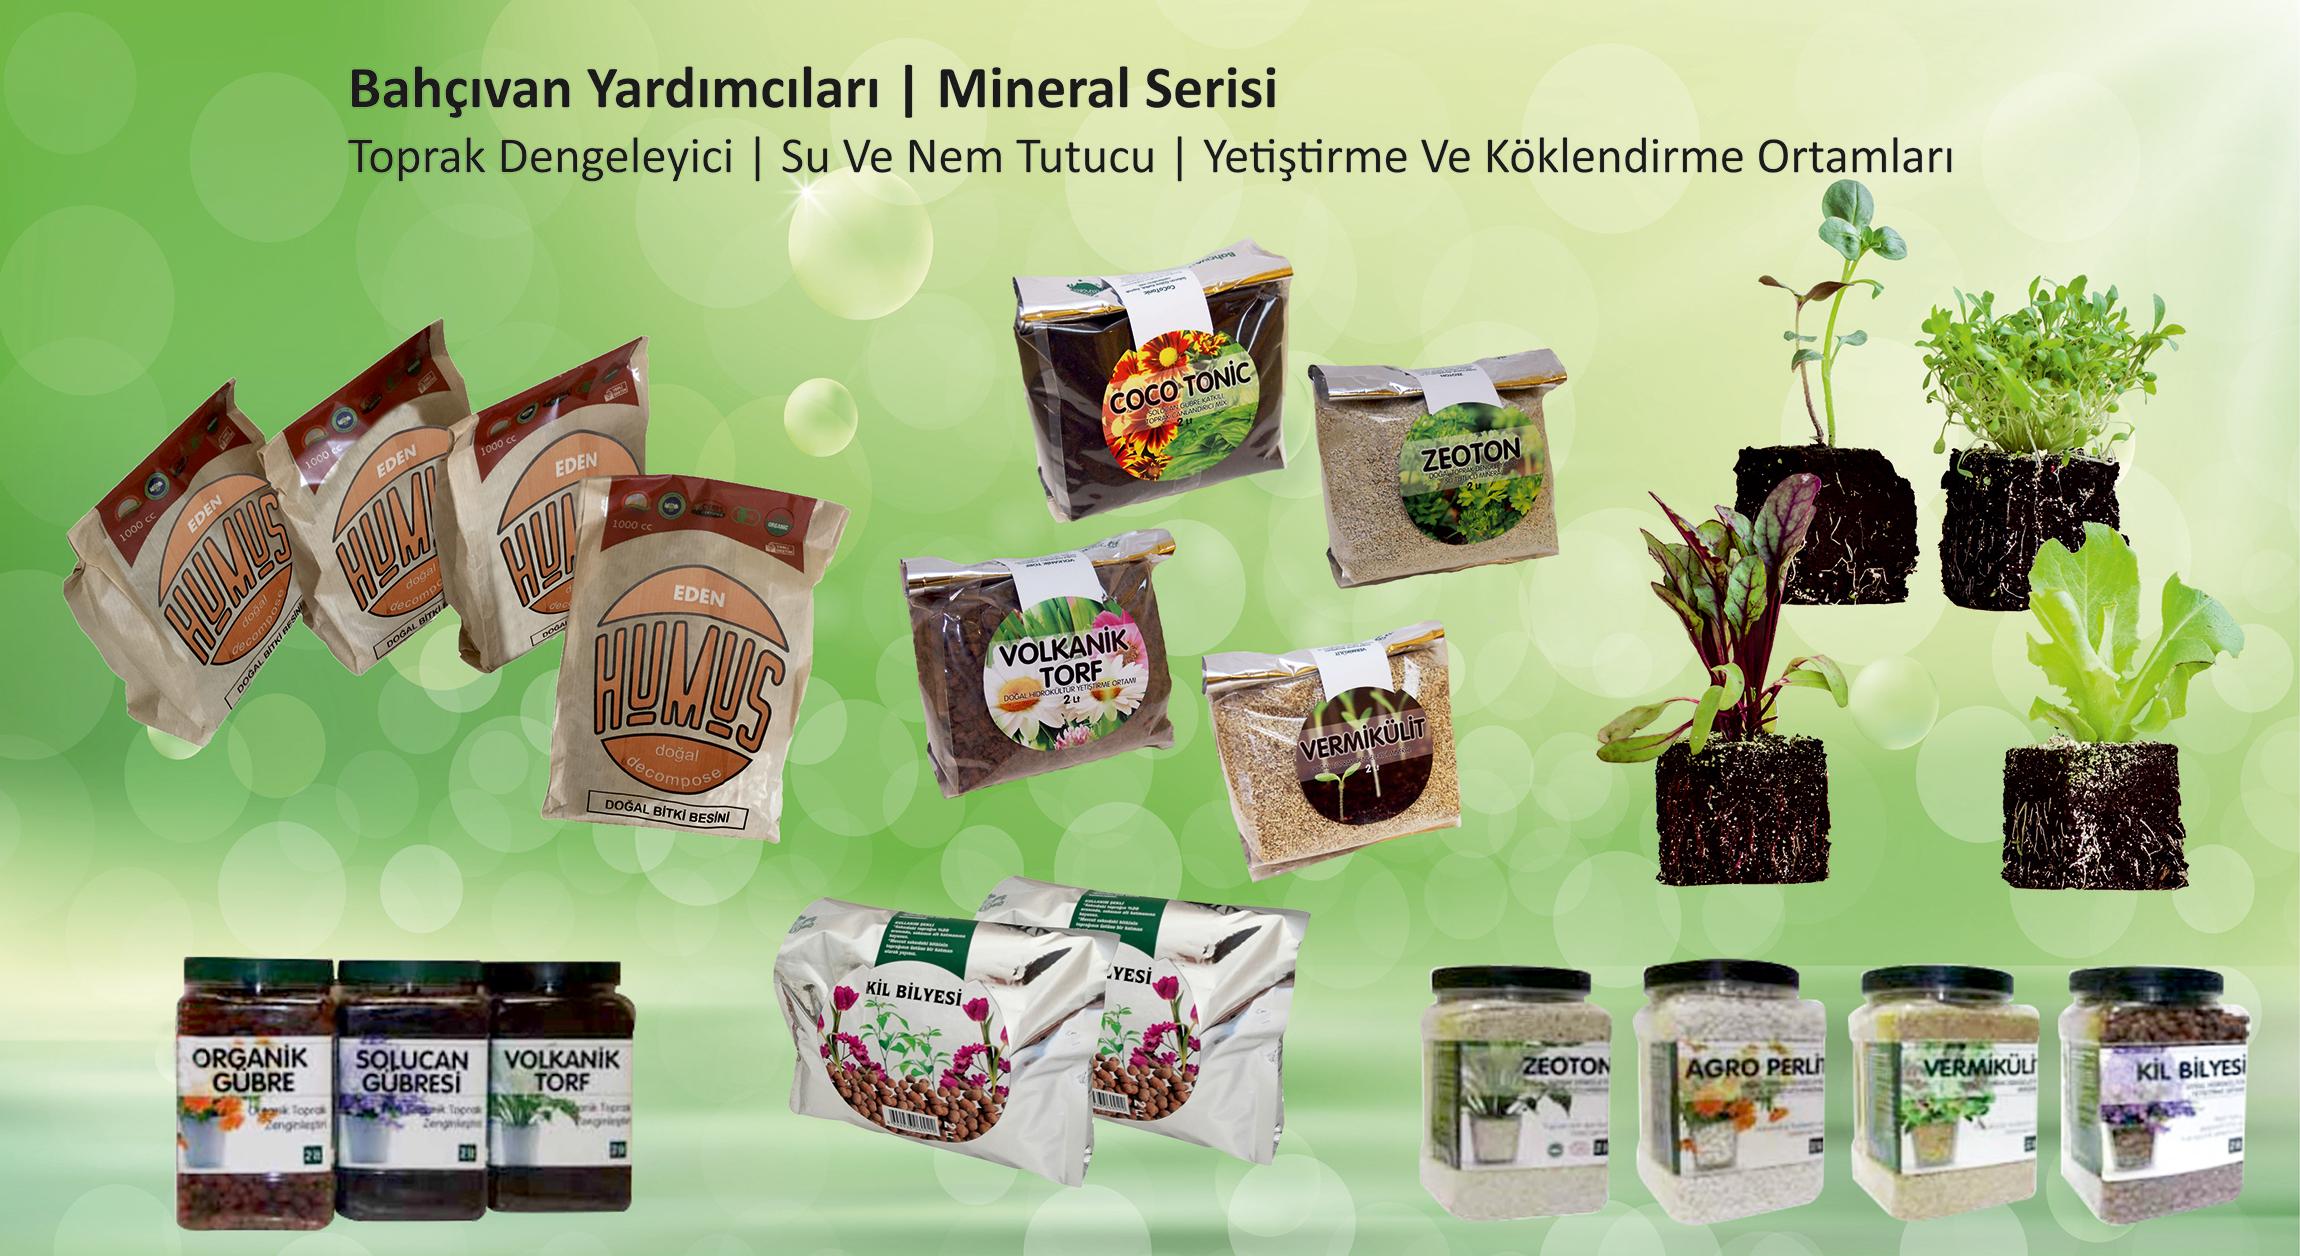 bahcivan_yardimcilari